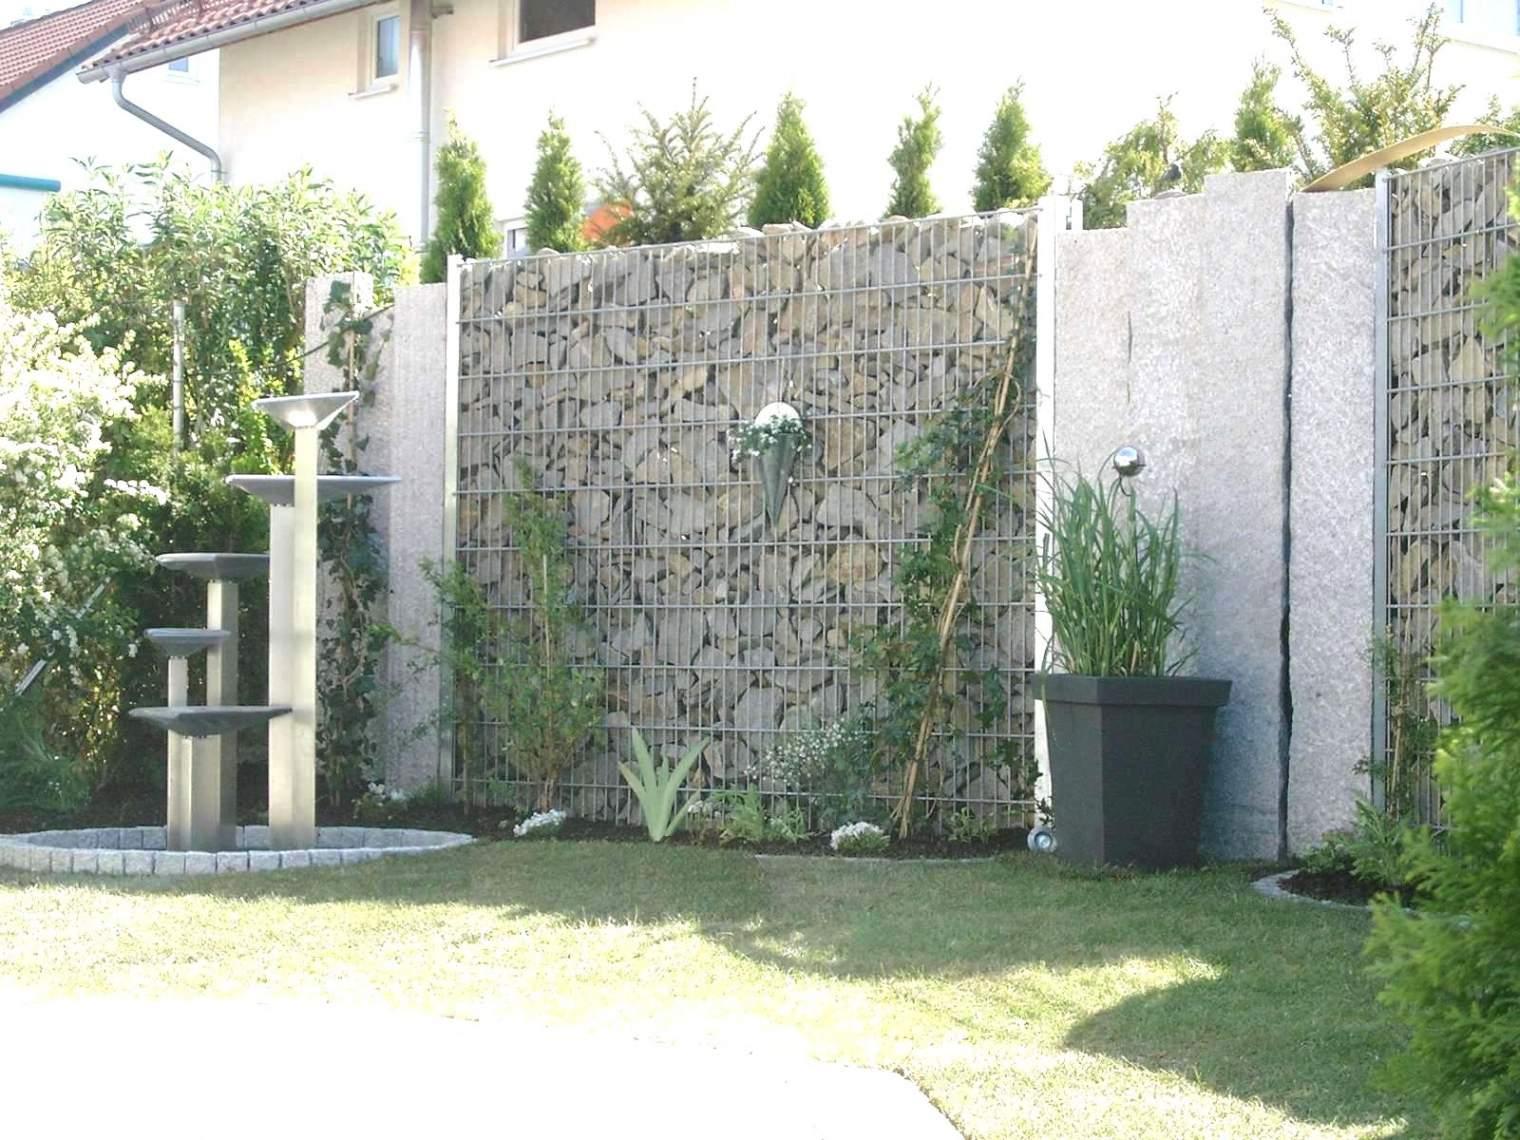 terrassenumrandung mit pflanzen inspirierend inspirierend terrasse terrasse pflanzen sichtschutz terrasse pflanzen sichtschutz